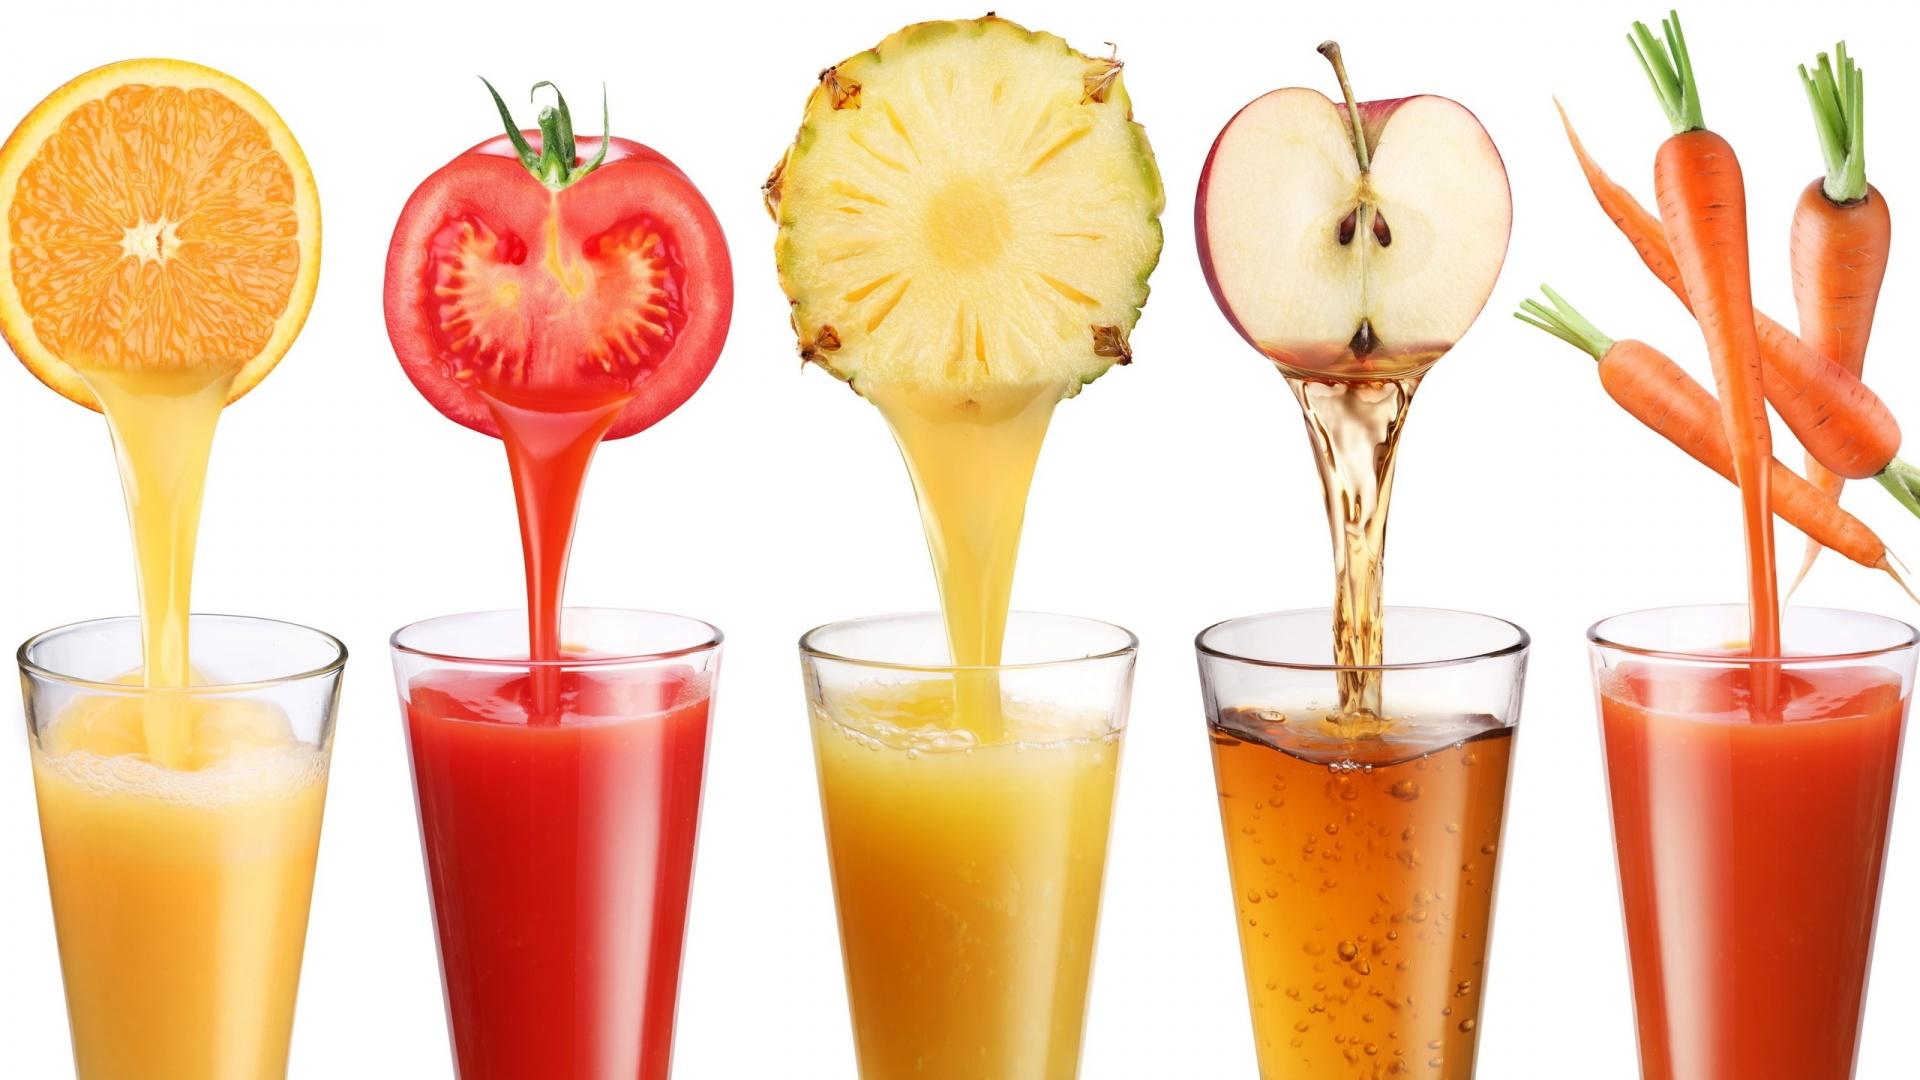 Những lưu ý khi uống nước ép trái cây mùa hè